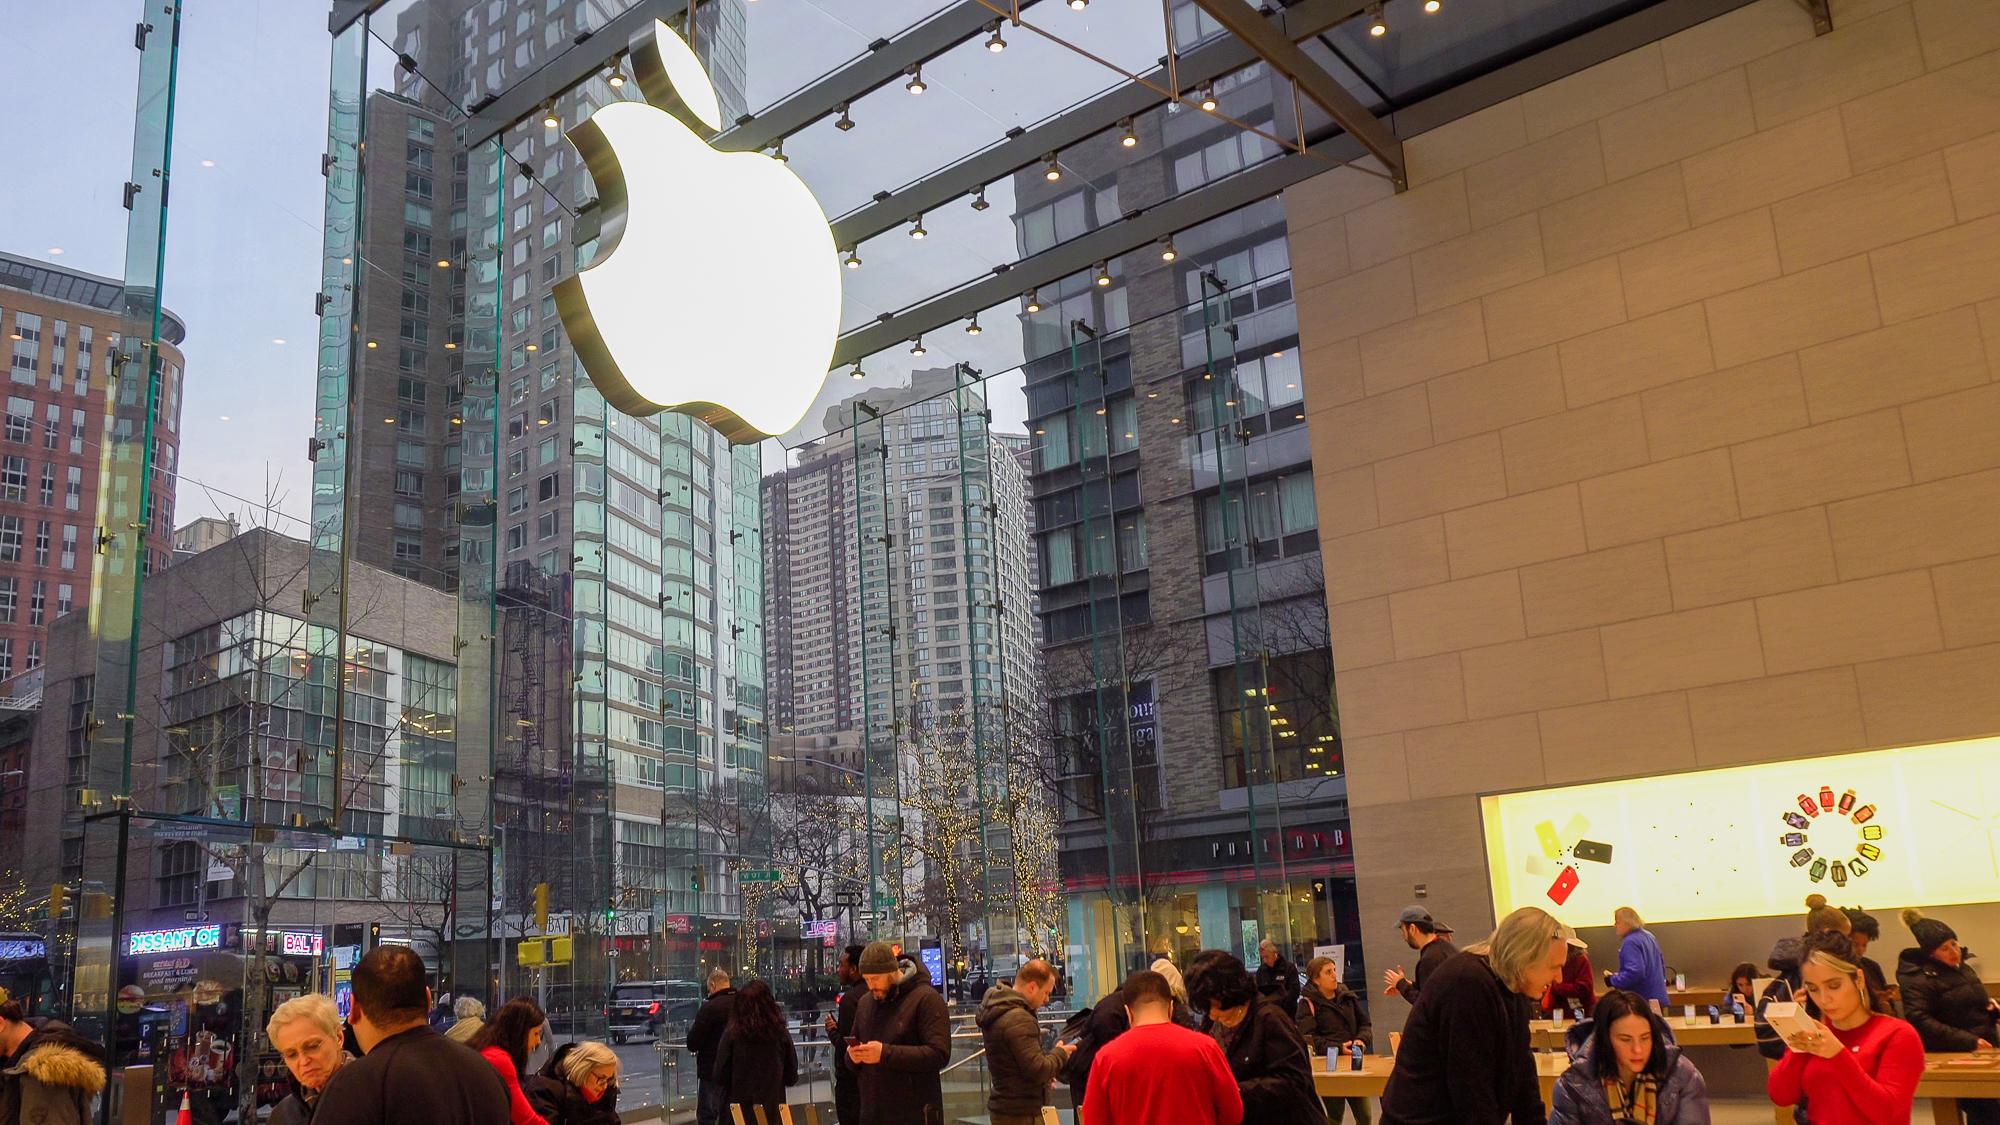 Foto de uma loja da Apple em Nova York, cheia de pessoas e com a maçã que é o logo em tamanho gigante sobre o vidro